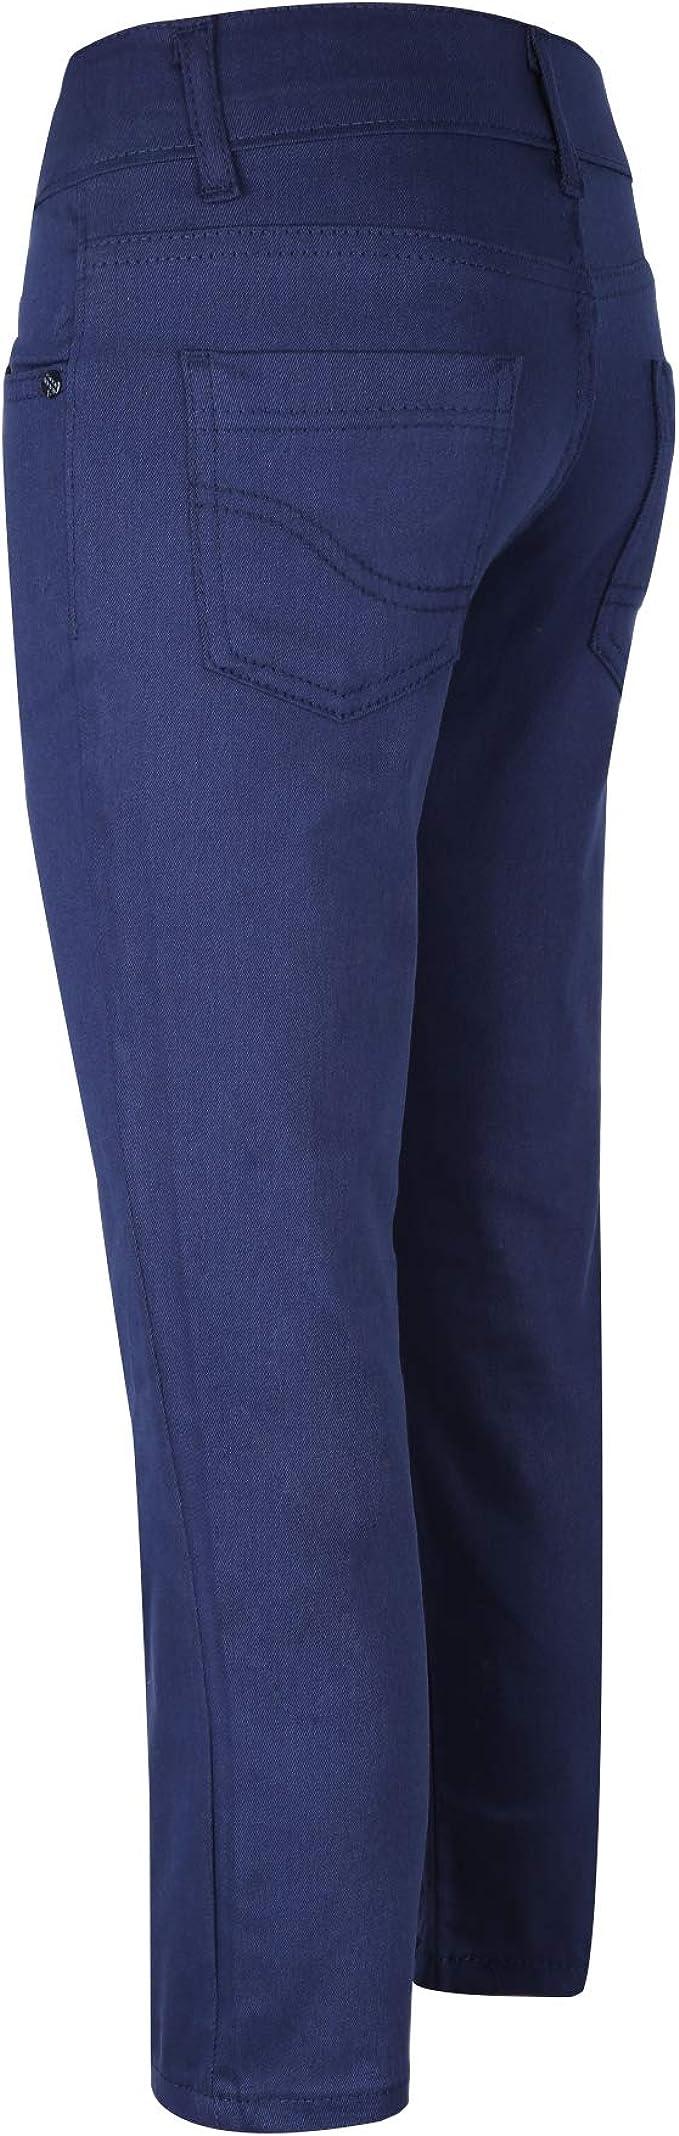 Pantaloni Chino Casual da Bambino in Blu Marina Blu Scuro Borgogna e Nero